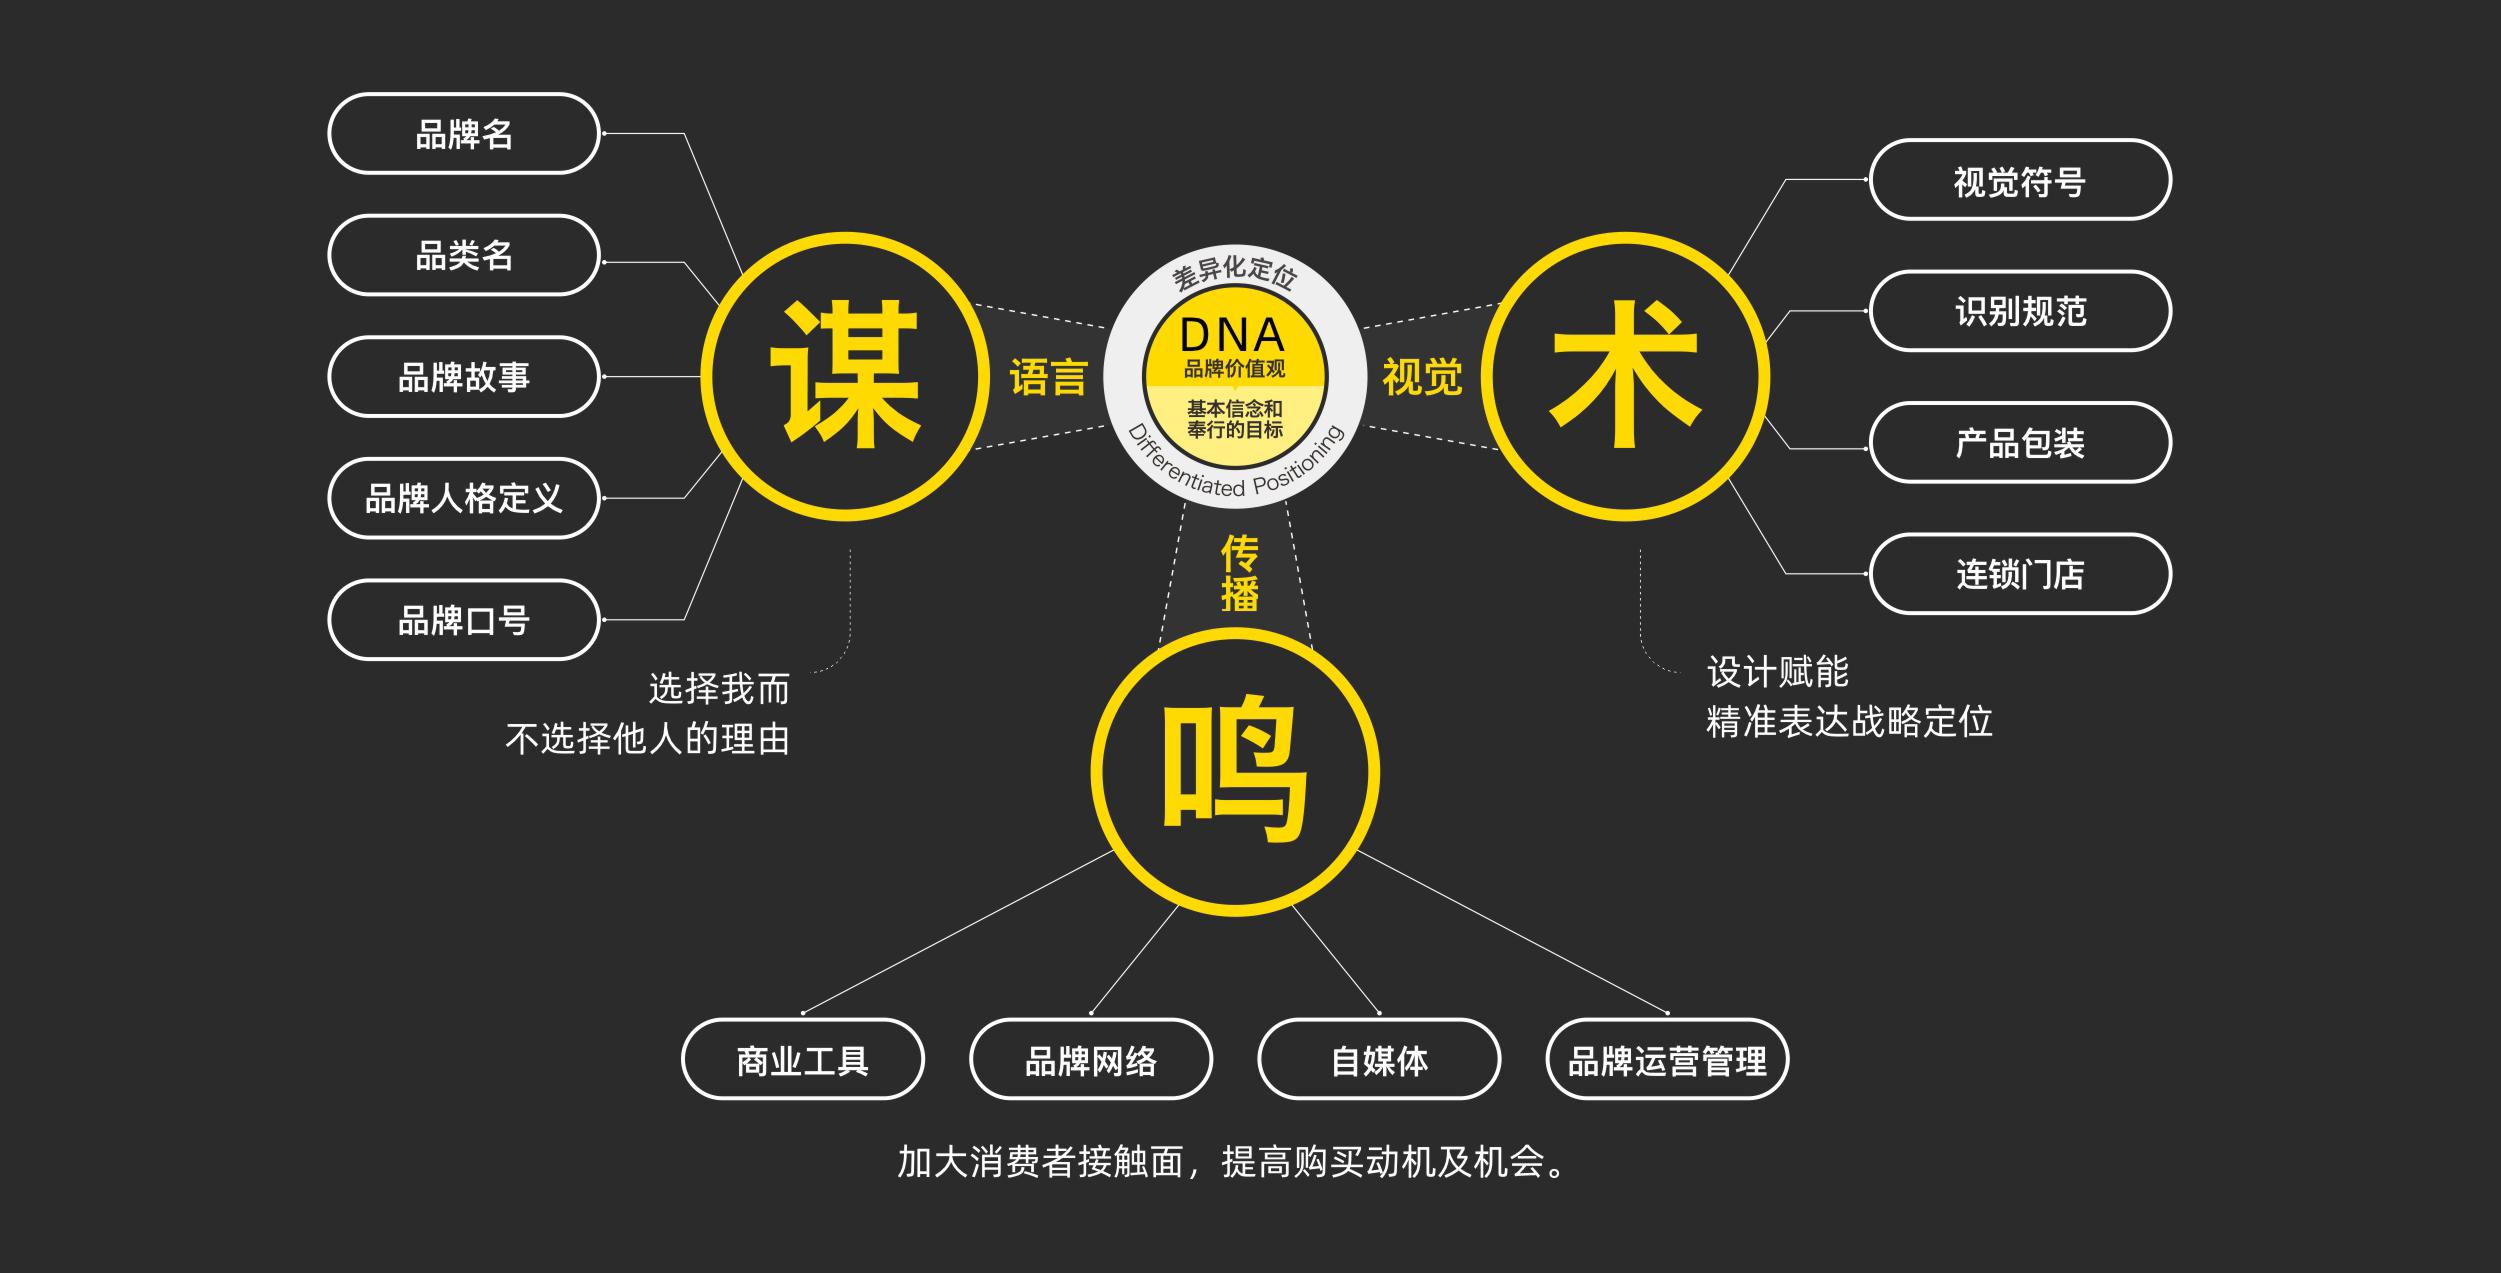 建立东安全案策划的3大工具-懿木VI设计